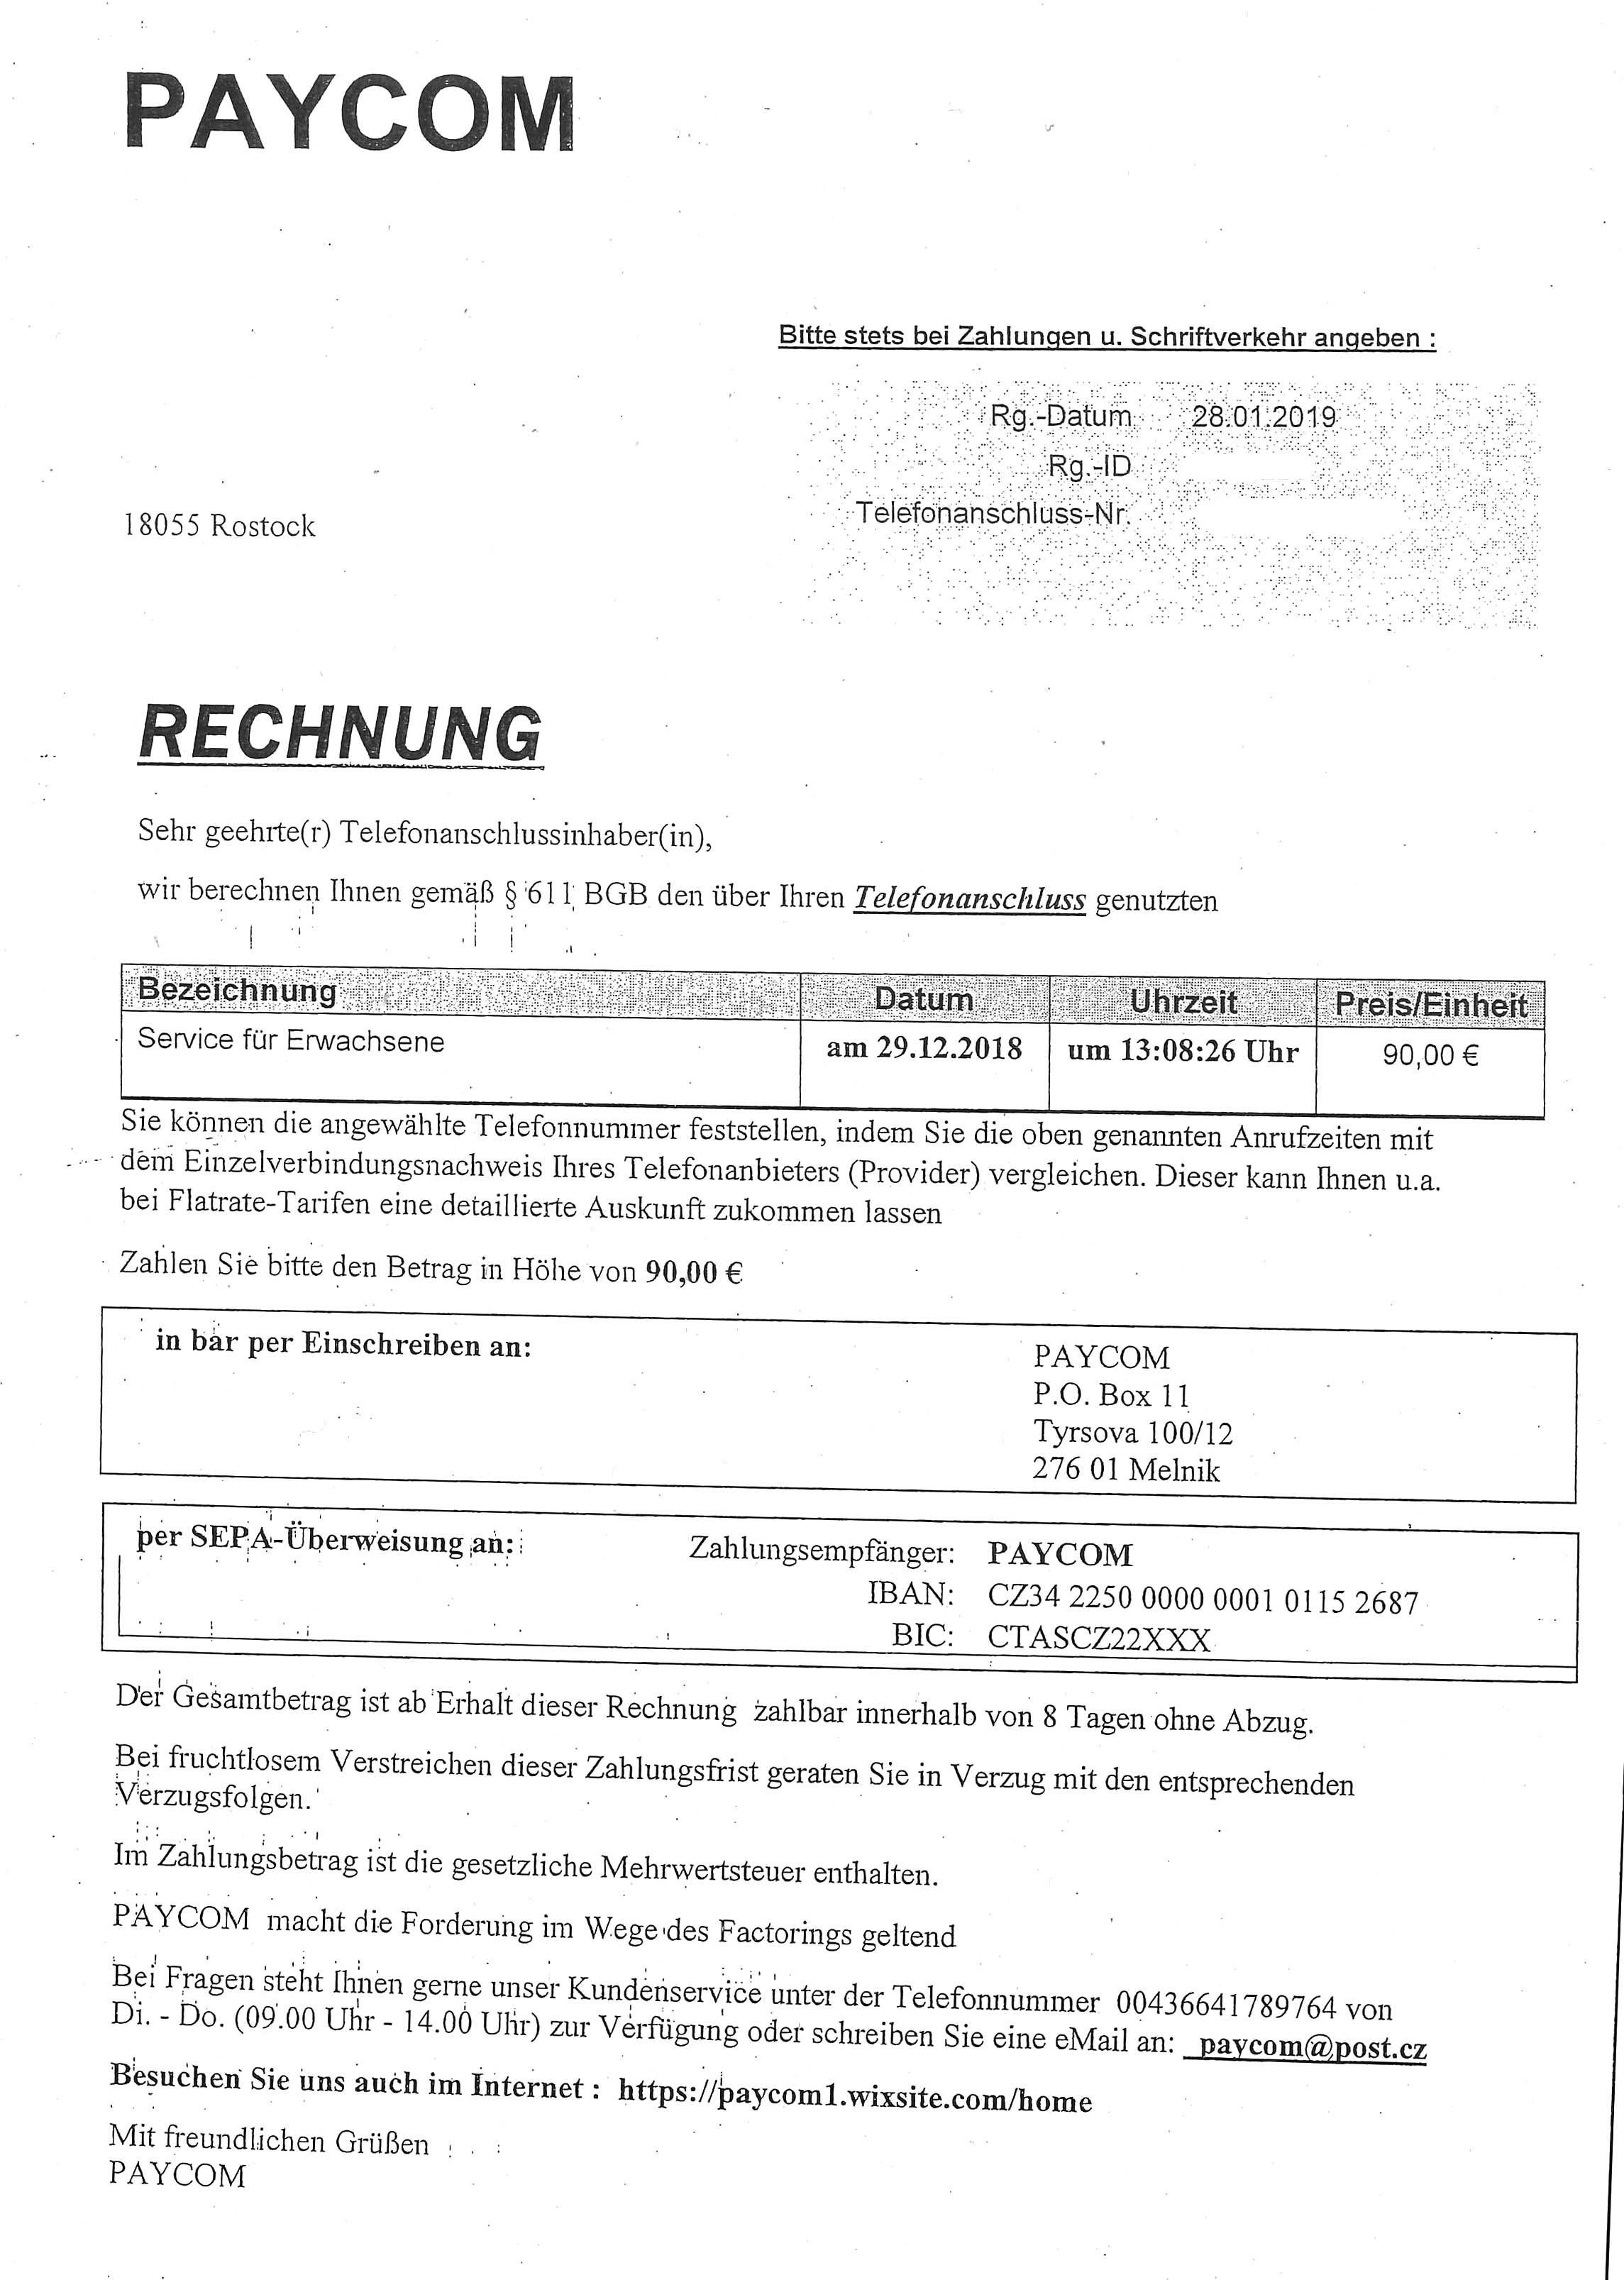 Paycom Rechnung